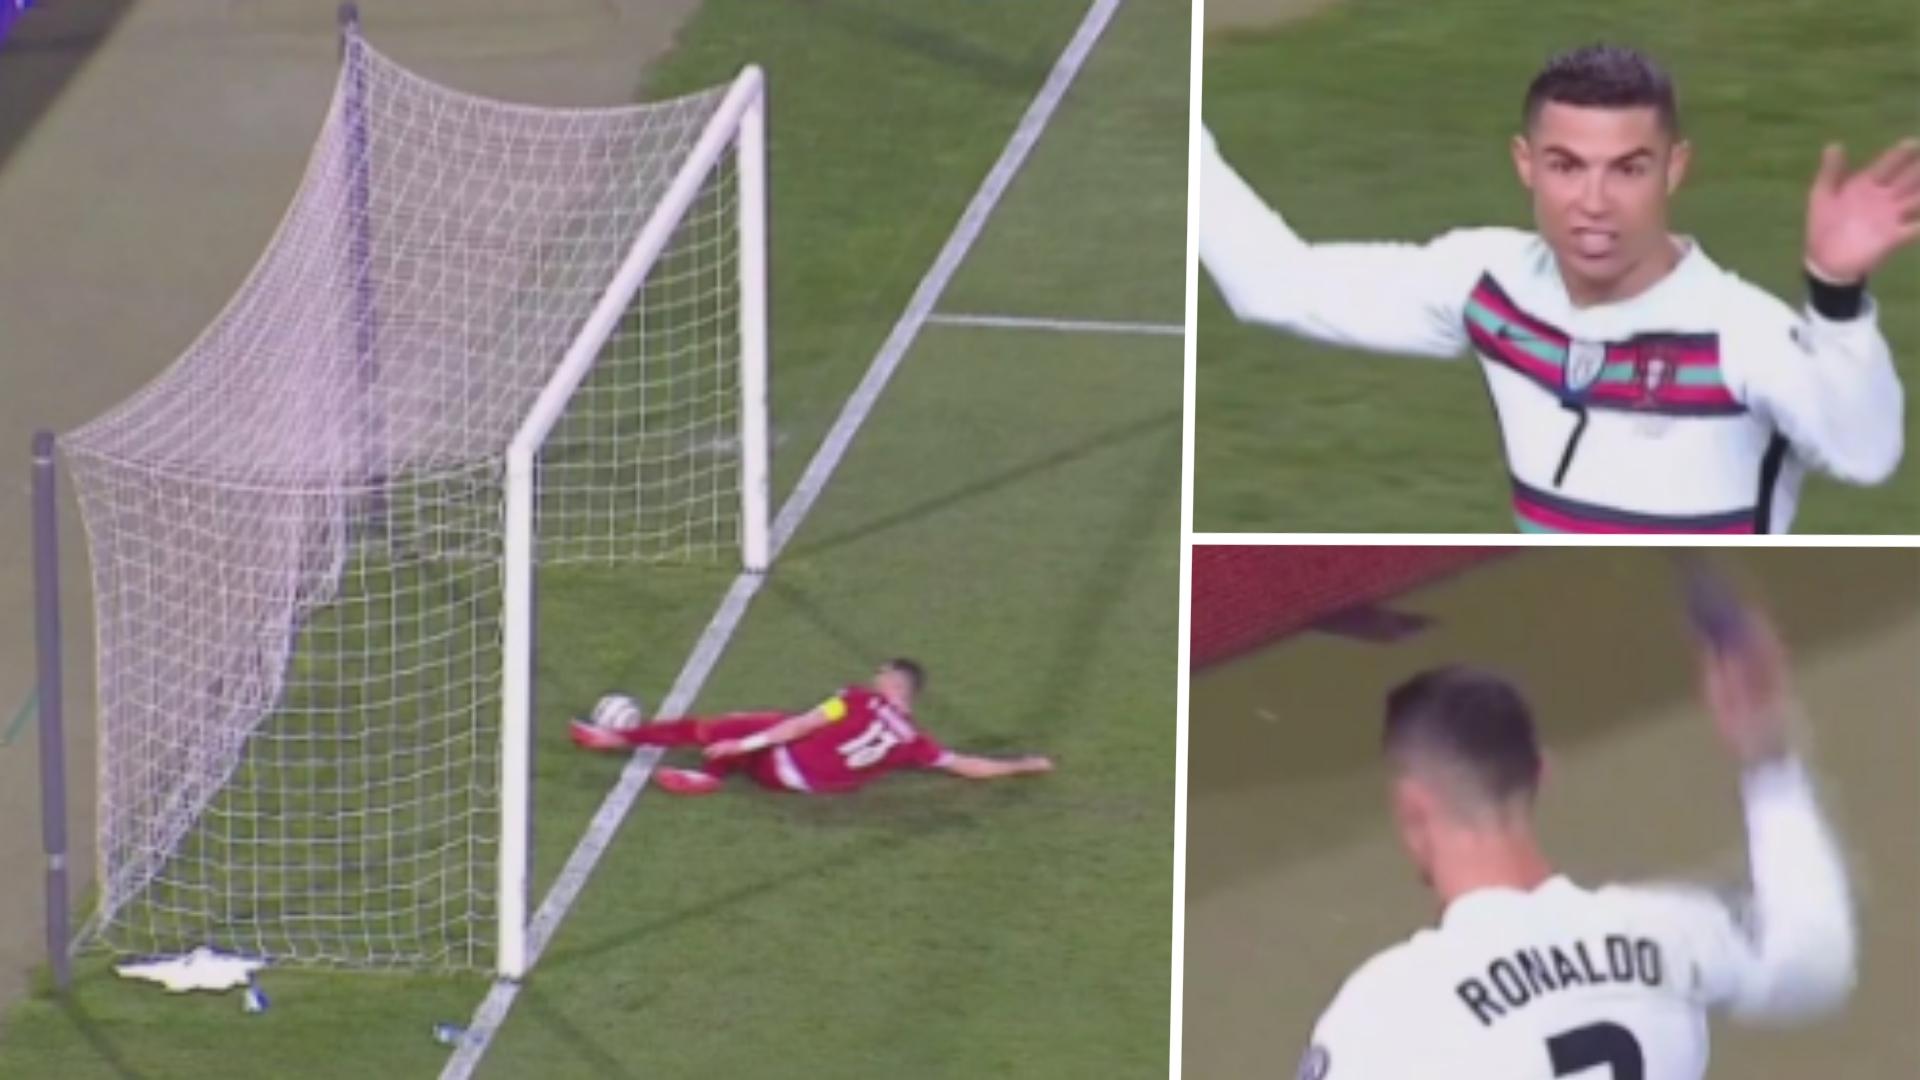 VIDEO: Cristiano Ronaldo explota tras gol anulado, arroja su cinta de capitán y se sale del campo   Goal.com